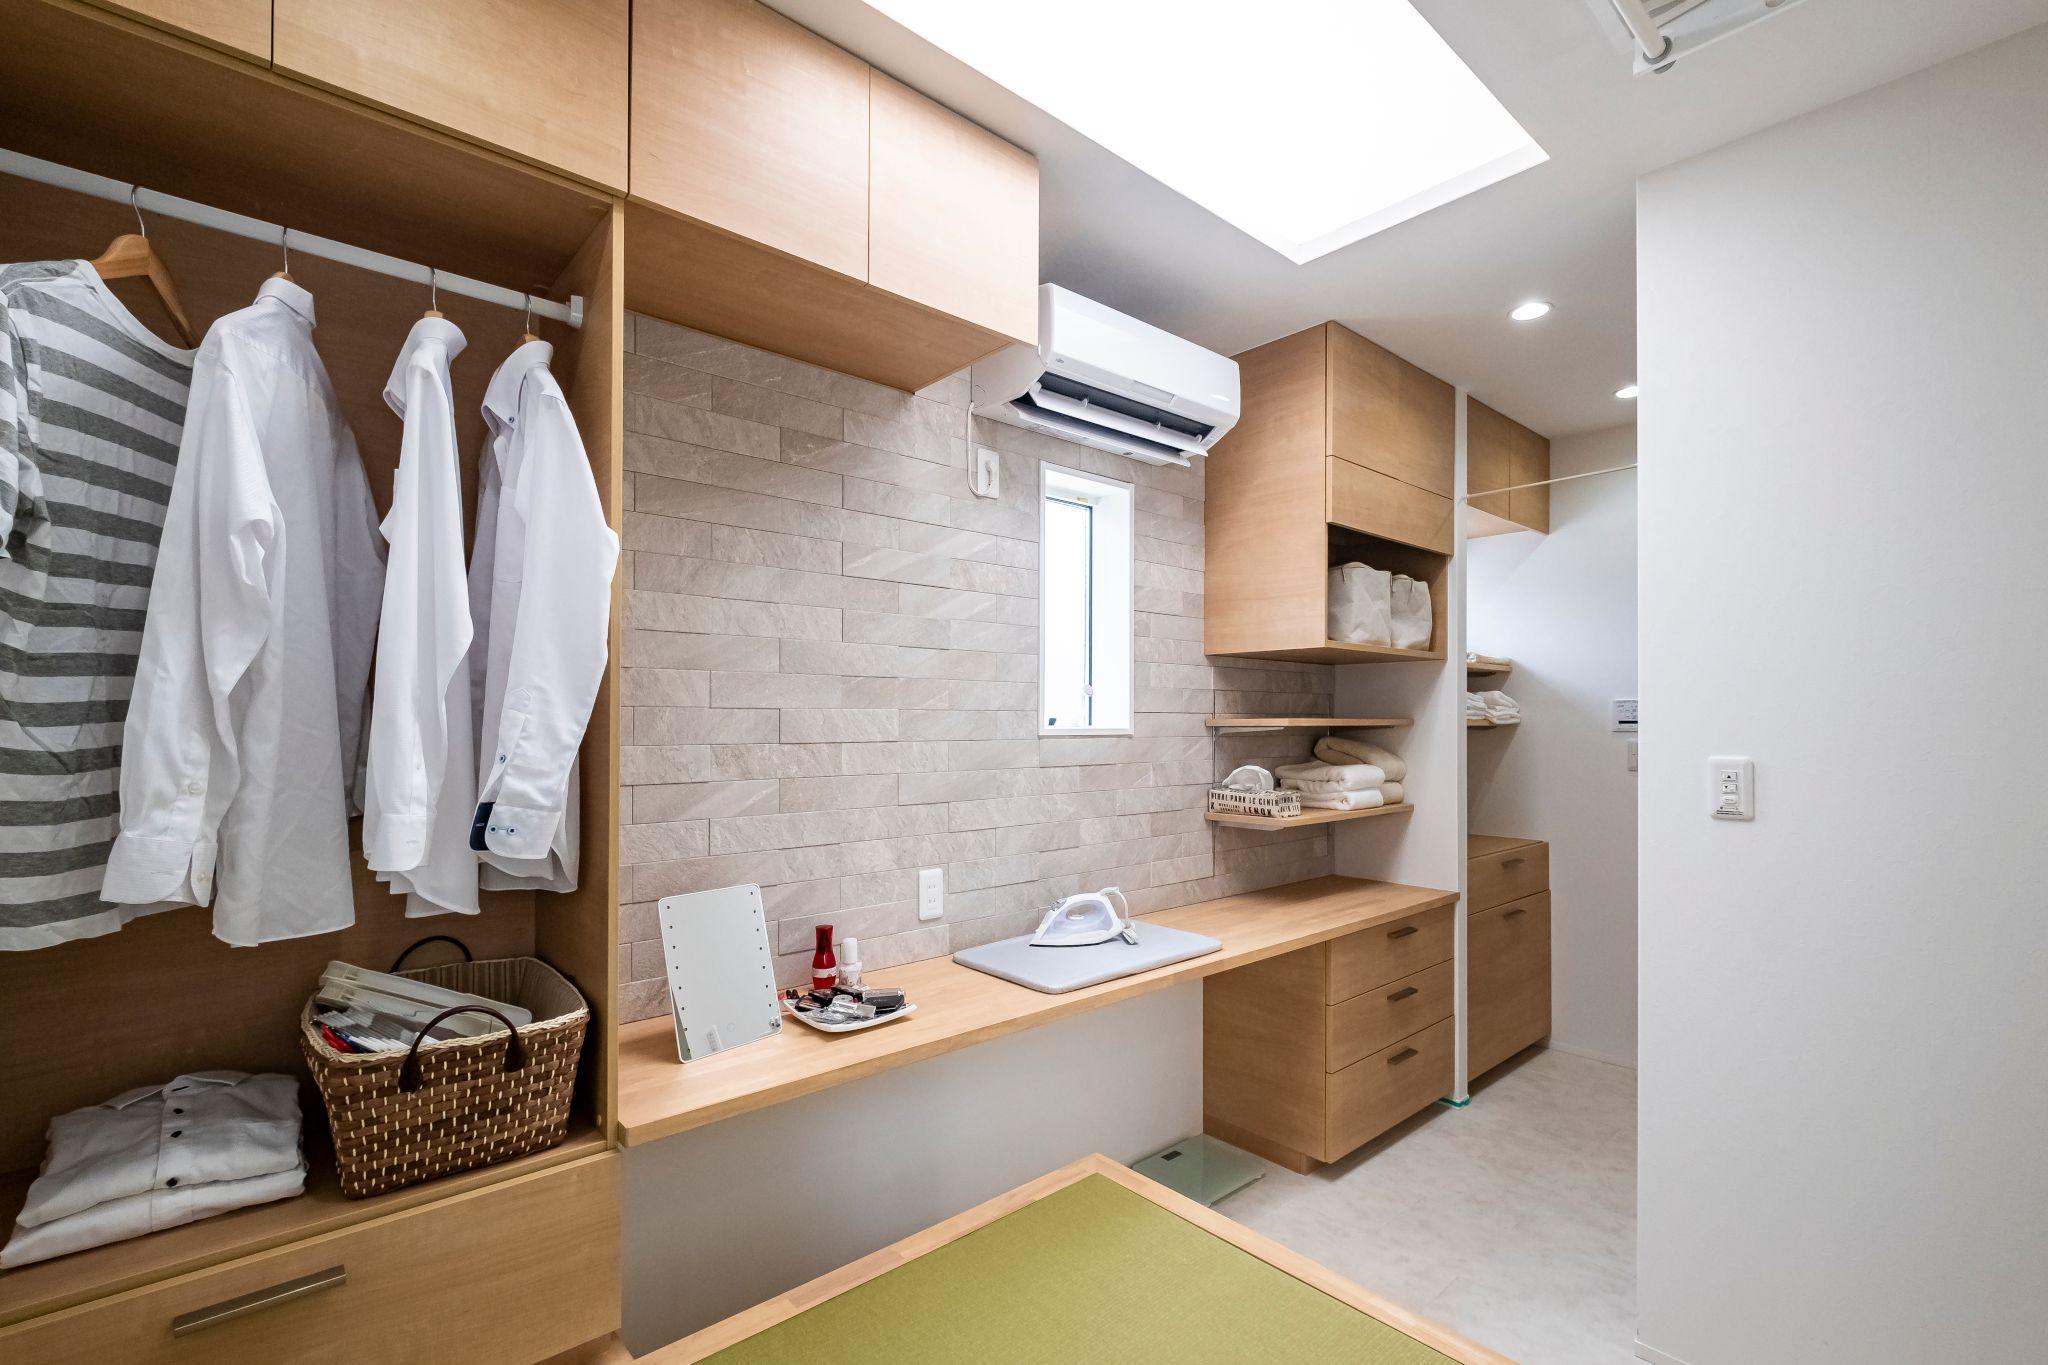 新築住宅を建てる前 失敗しない 収納 収納の知識 新築住宅